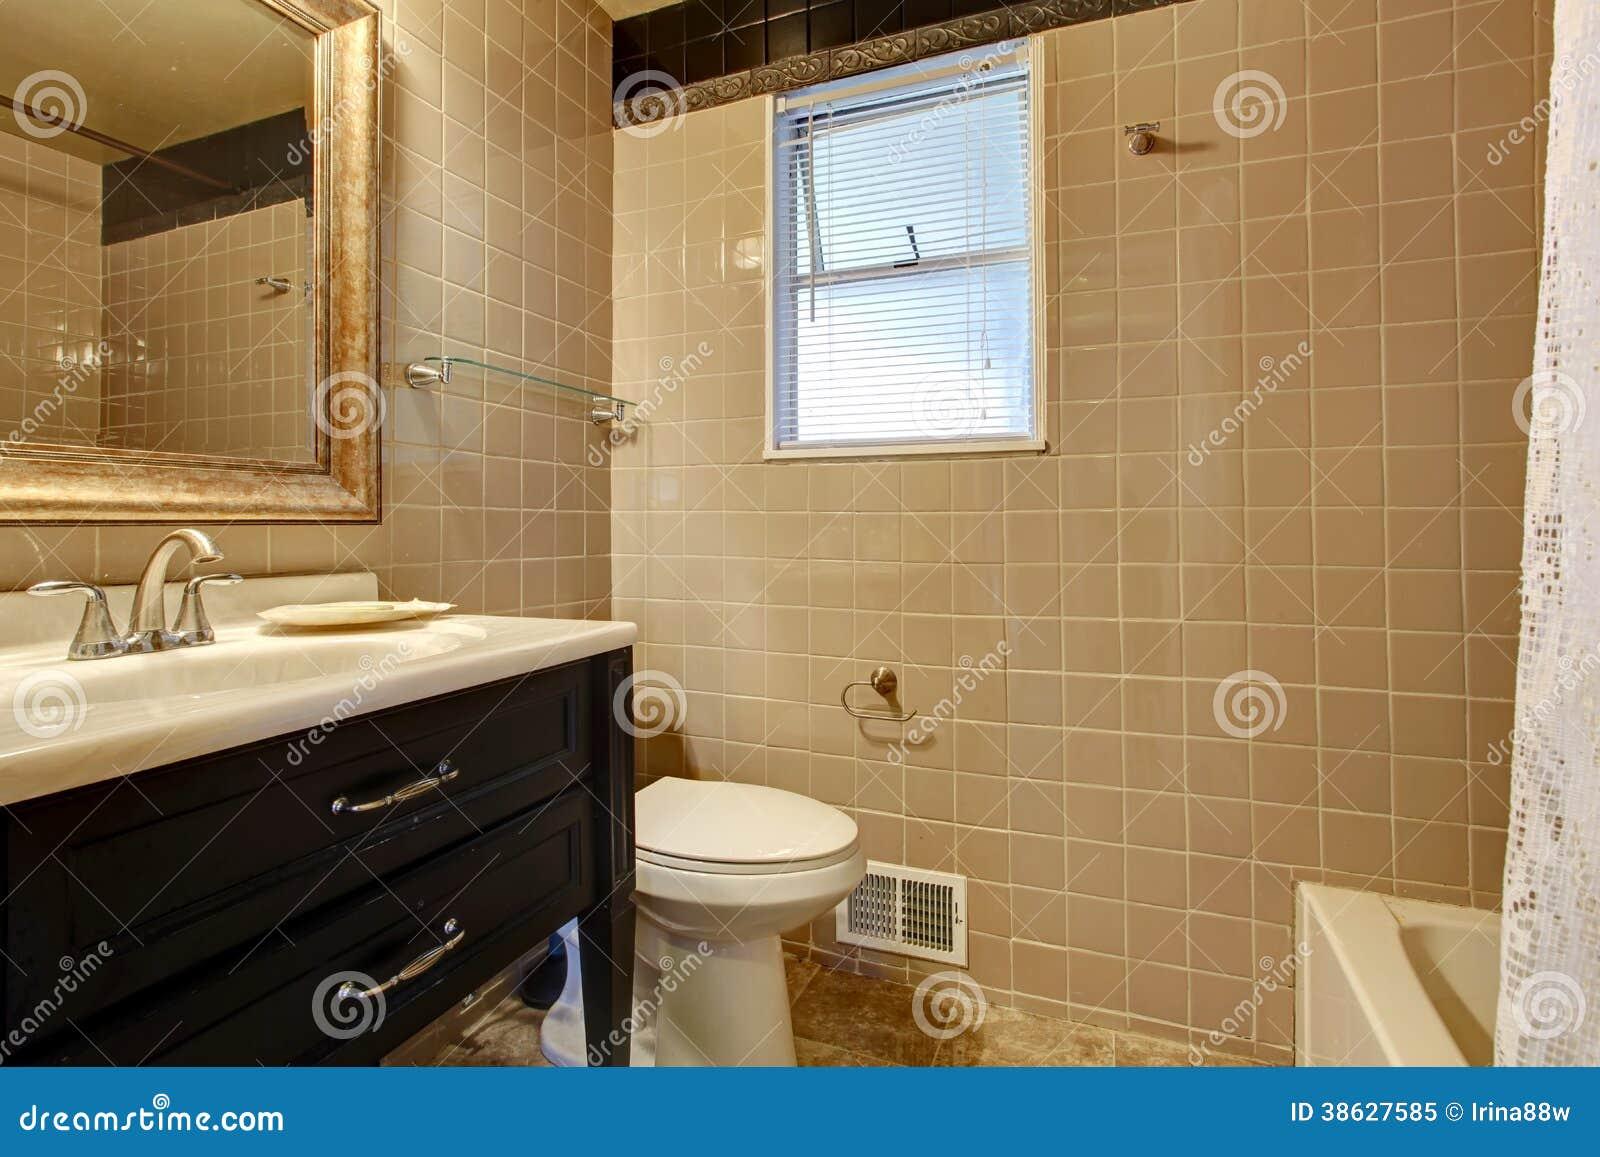 Idée noire et blanche de salle de bains photo stock   image: 64862352